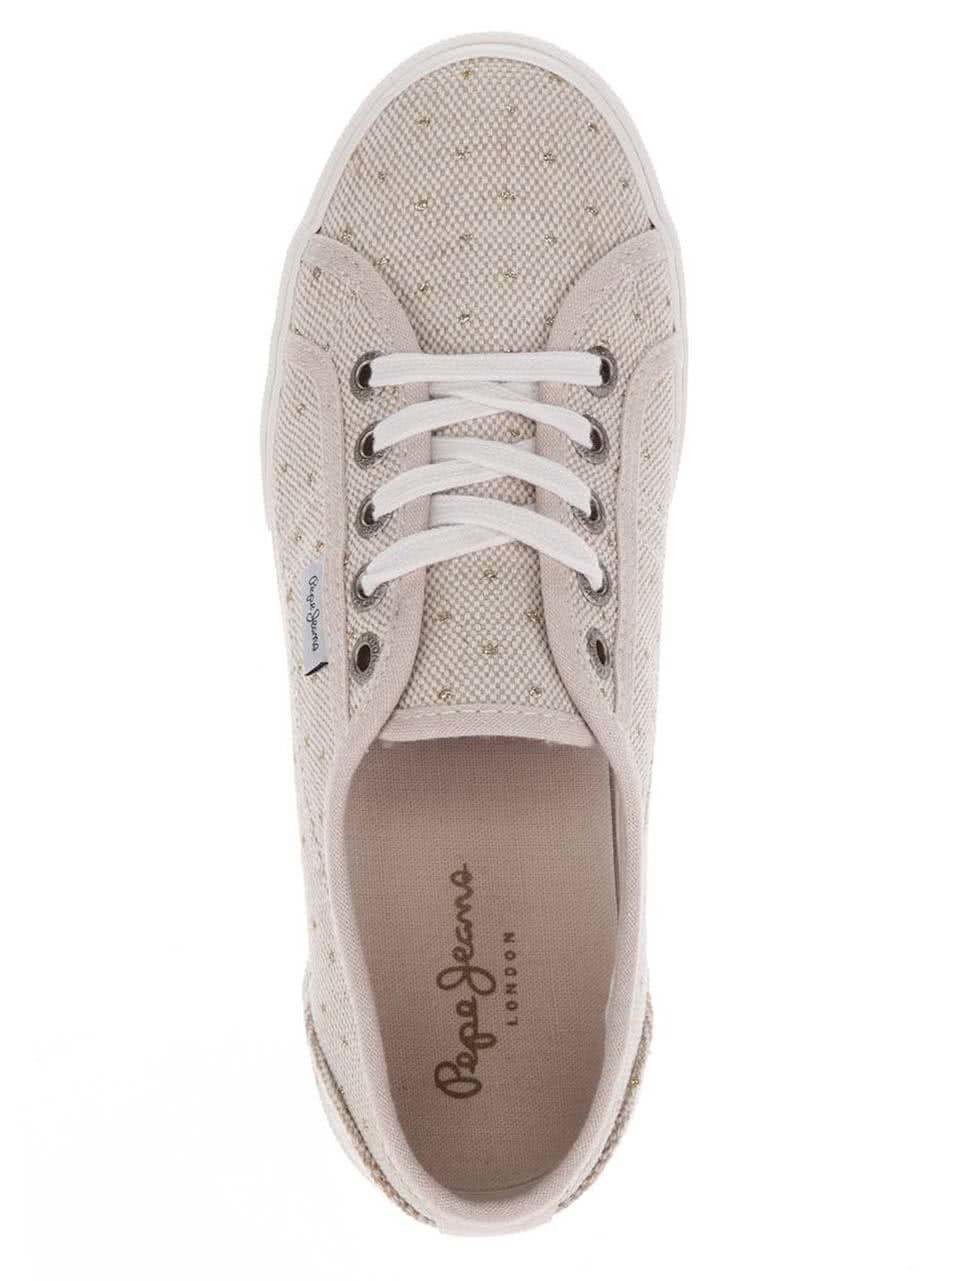 Béžové dámské puntíkované tenisky Pepe Jeans Aberlady ... ee29313047